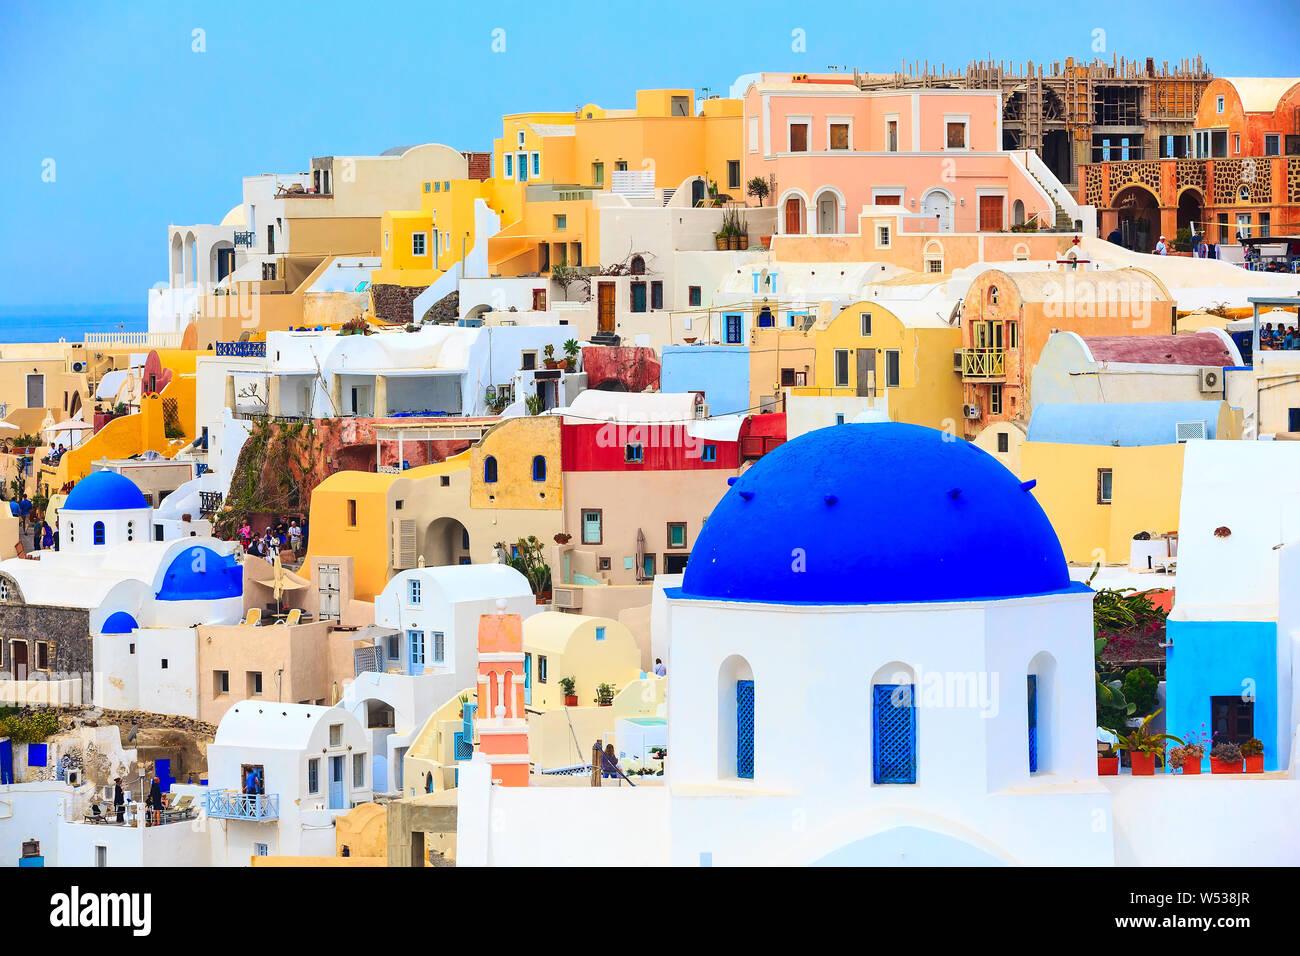 L'île de Santorin, Grèce, Oia village vue panoramique avec blue dome église et maisons colorées Banque D'Images